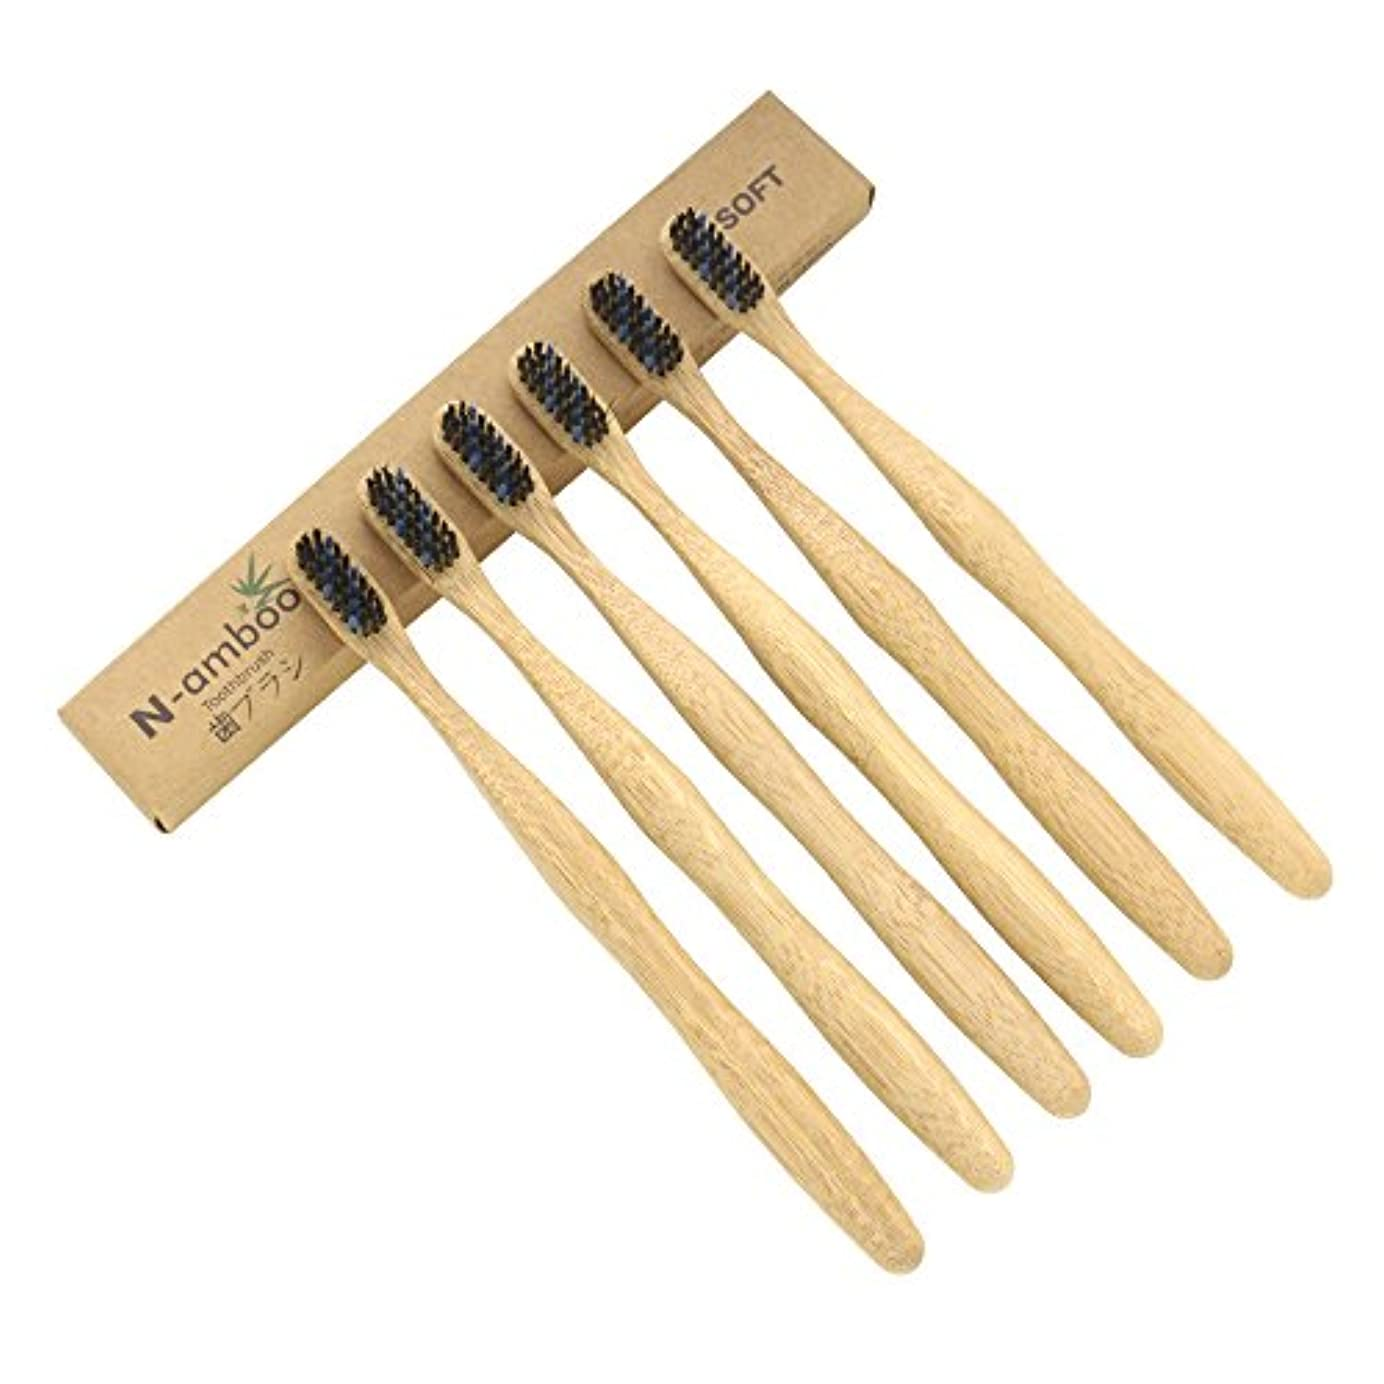 うるさい並外れて引き潮N-amboo 竹製耐久度高い 歯ブラシ 黒と青 6本入り セット